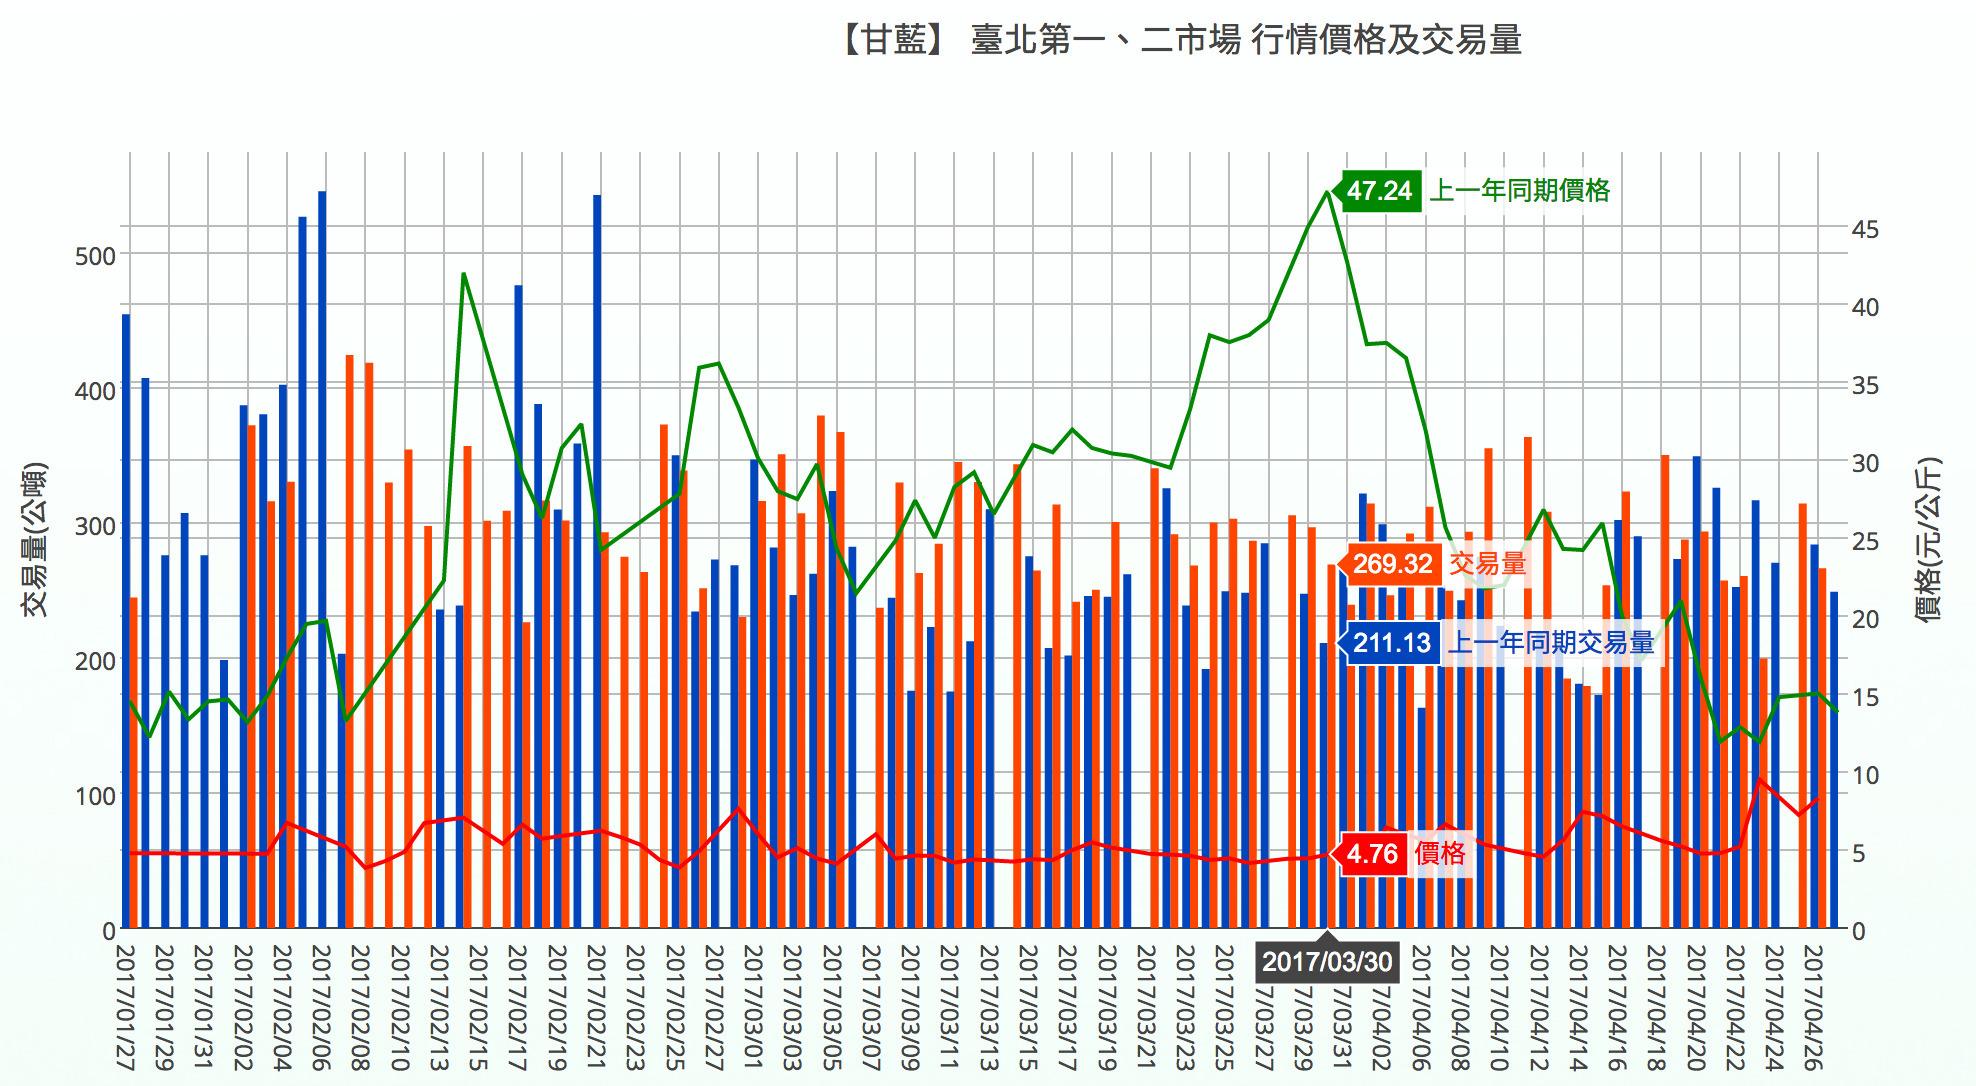 臺北主要批發市場交易行情